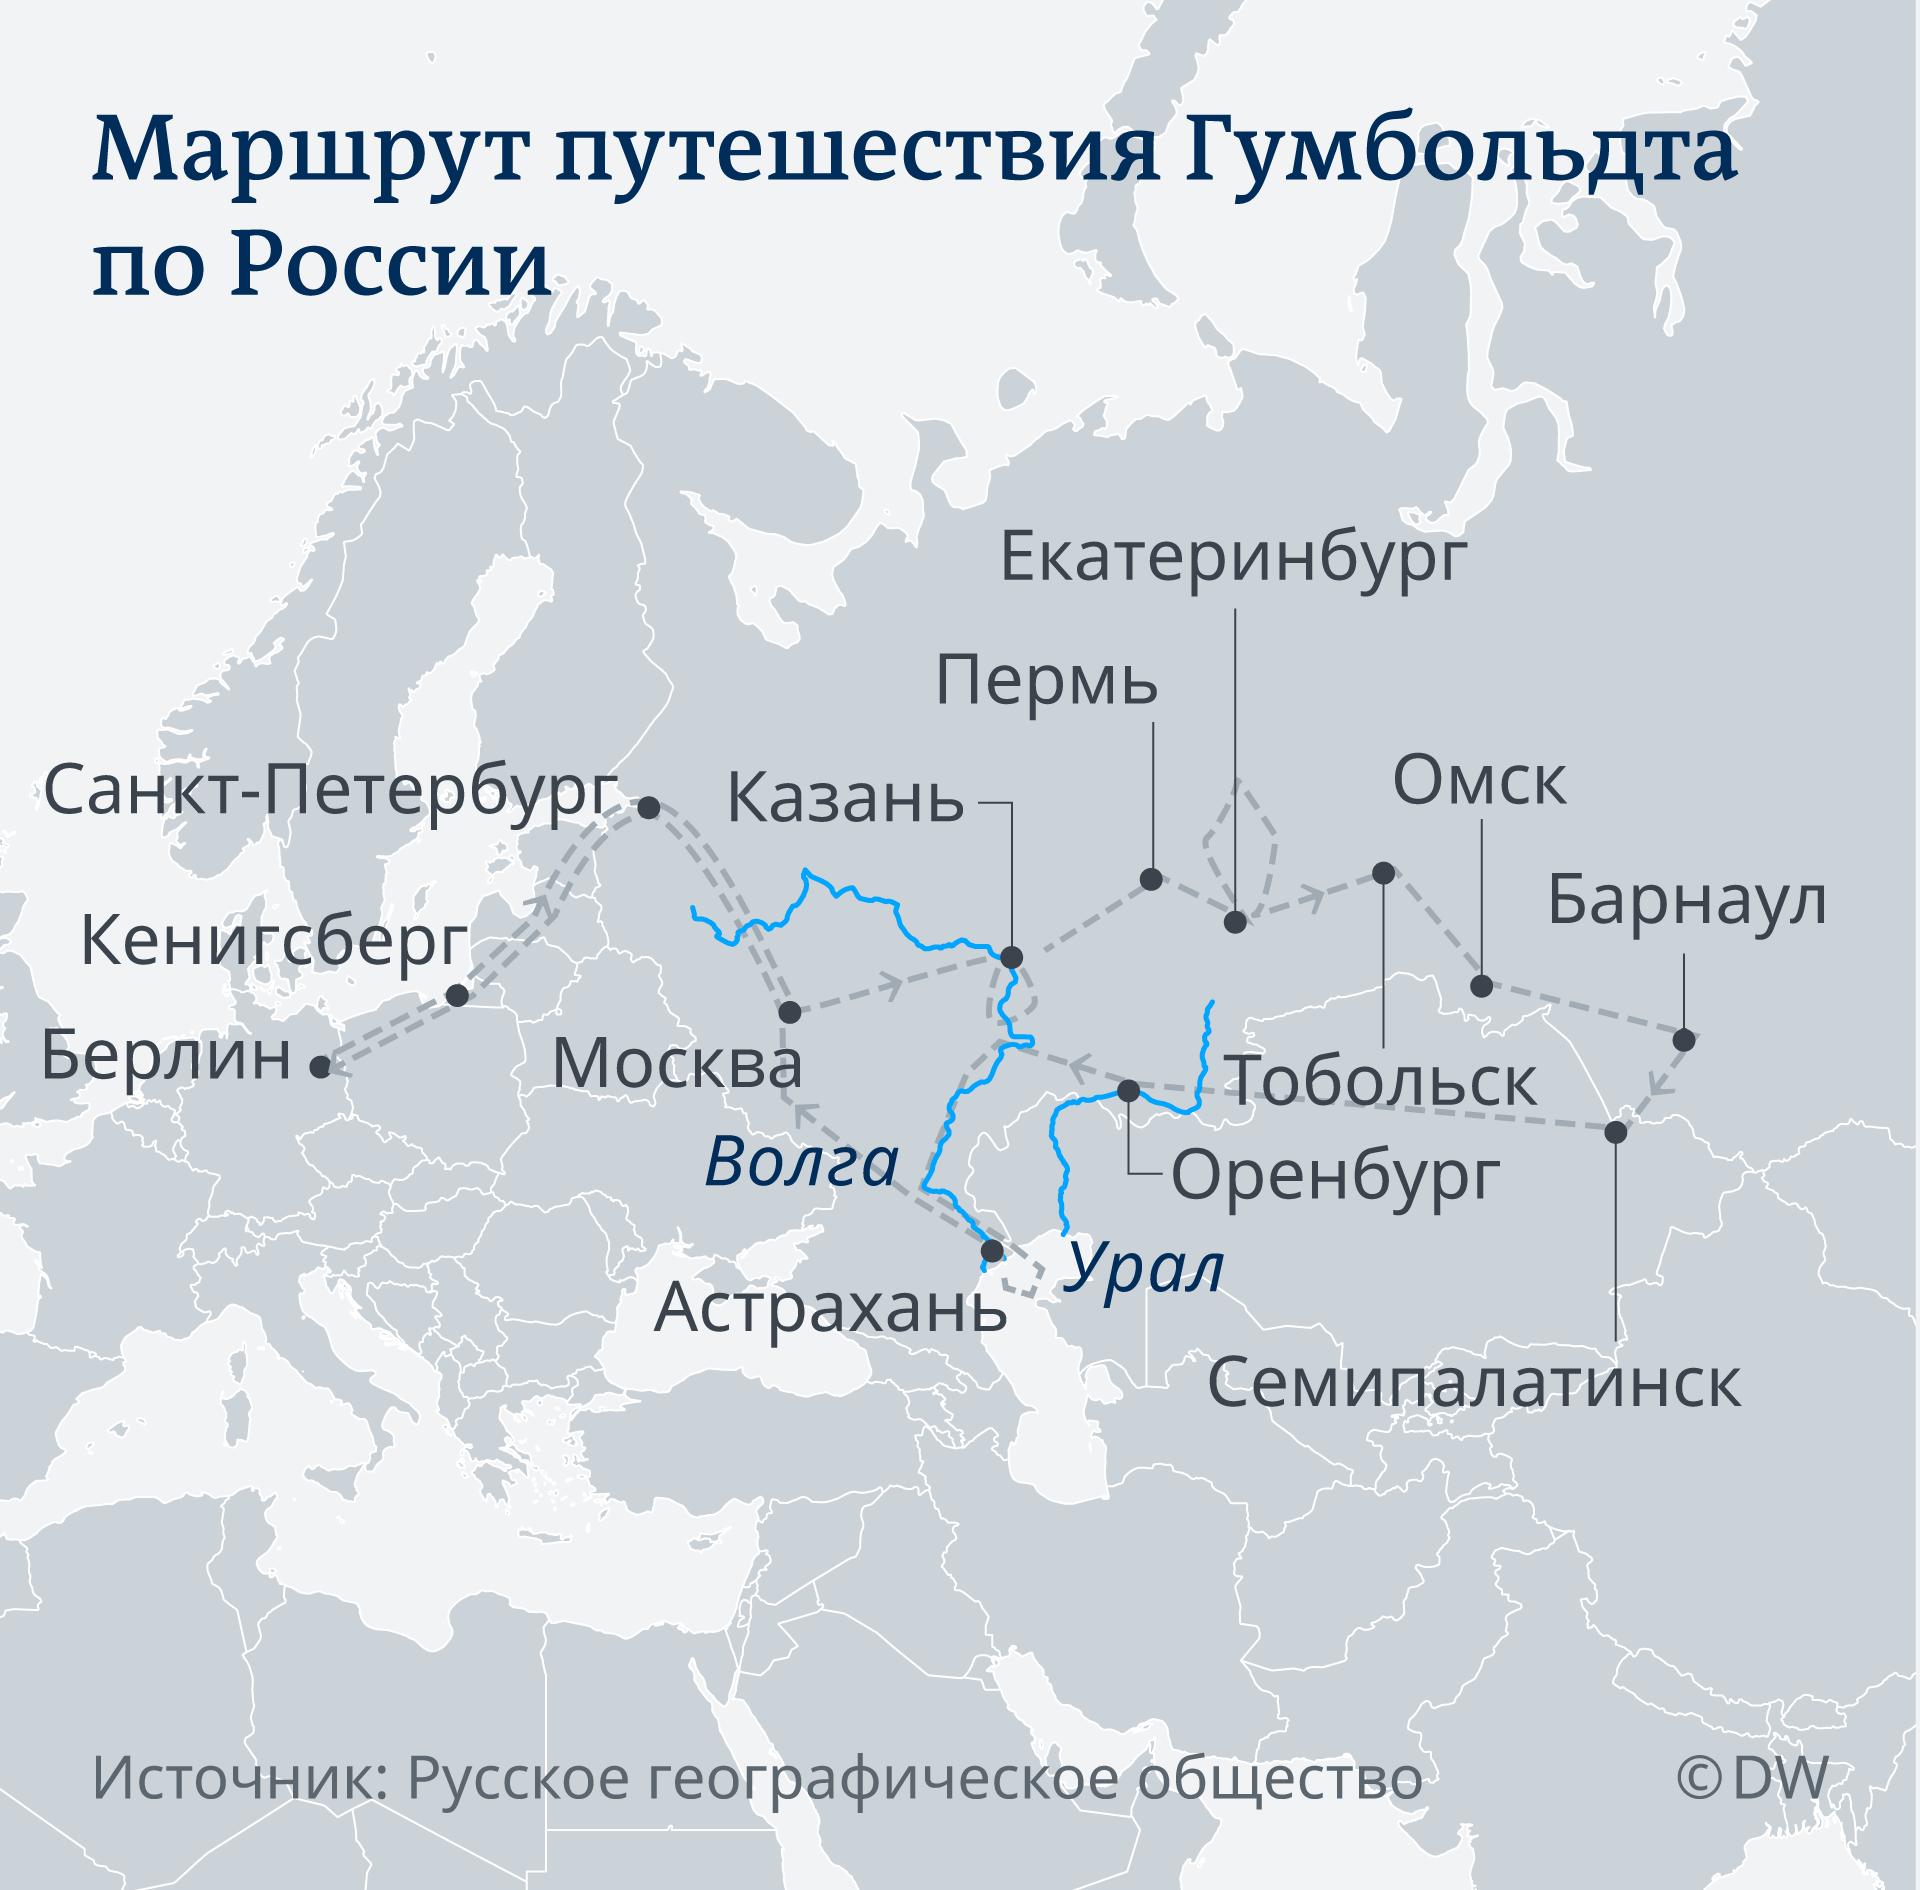 Маршрут путешествия Гумбольдта по России